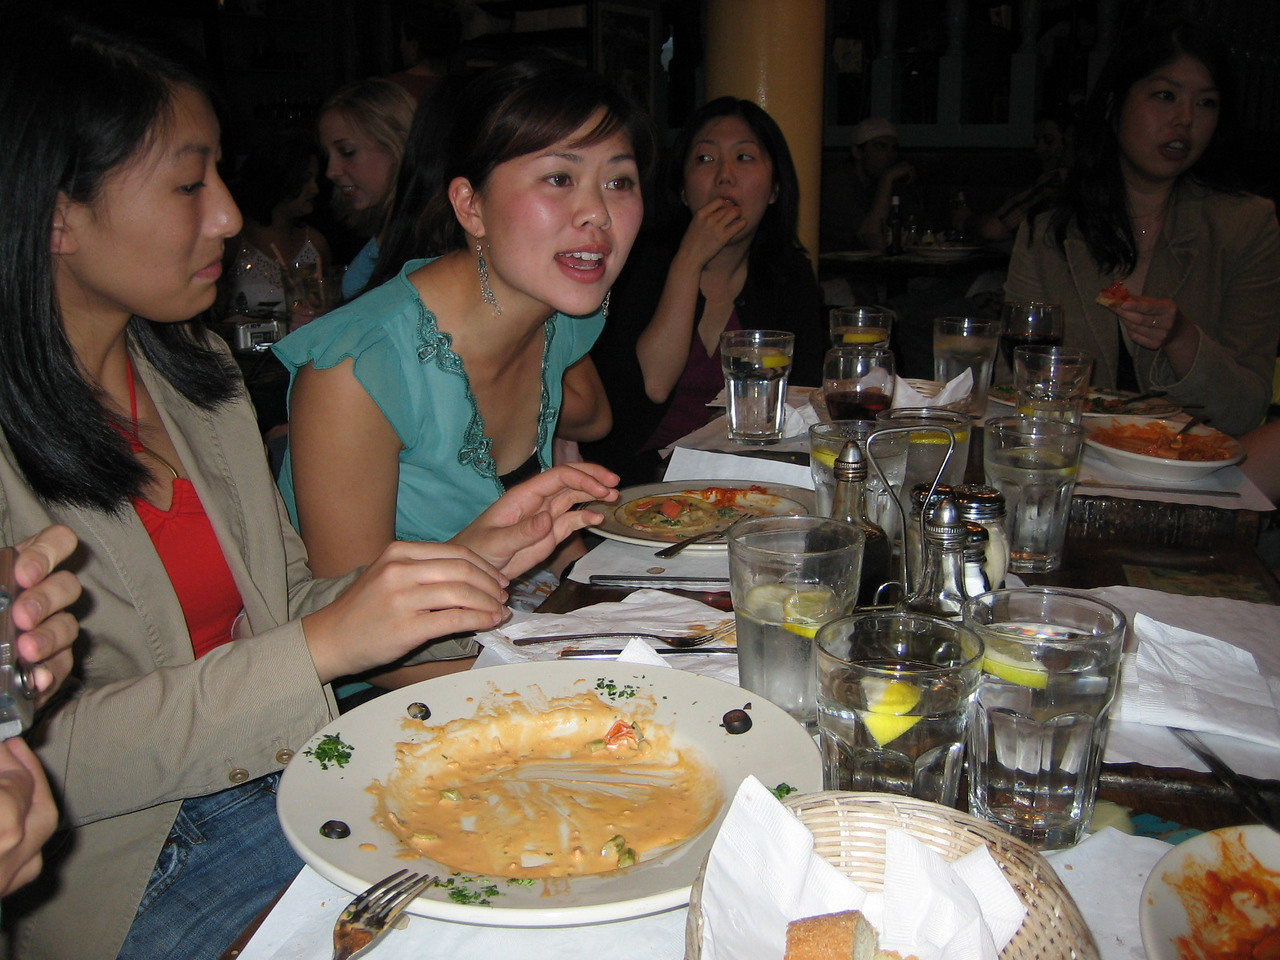 2005 06 04 Saturday - Debbie, Tiffany, & Lisa candid